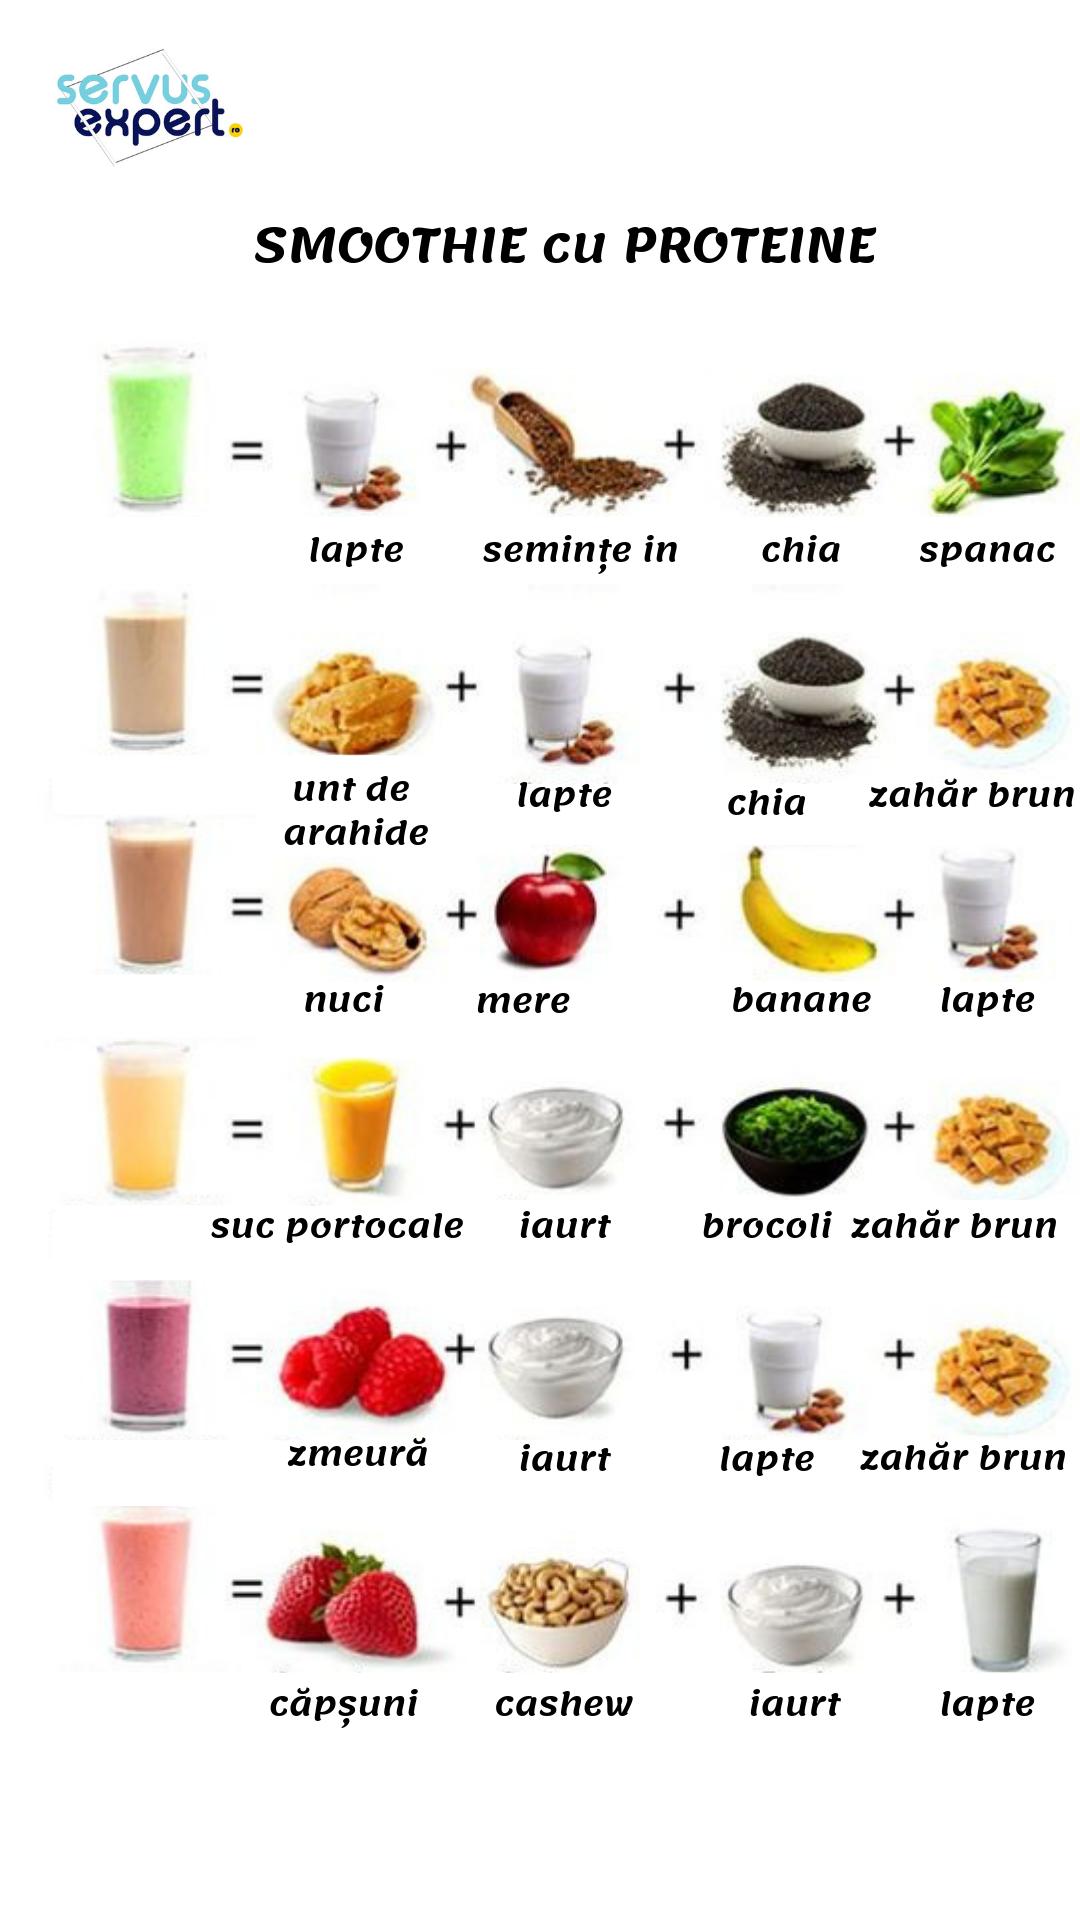 pierdere în greutate zahăr)